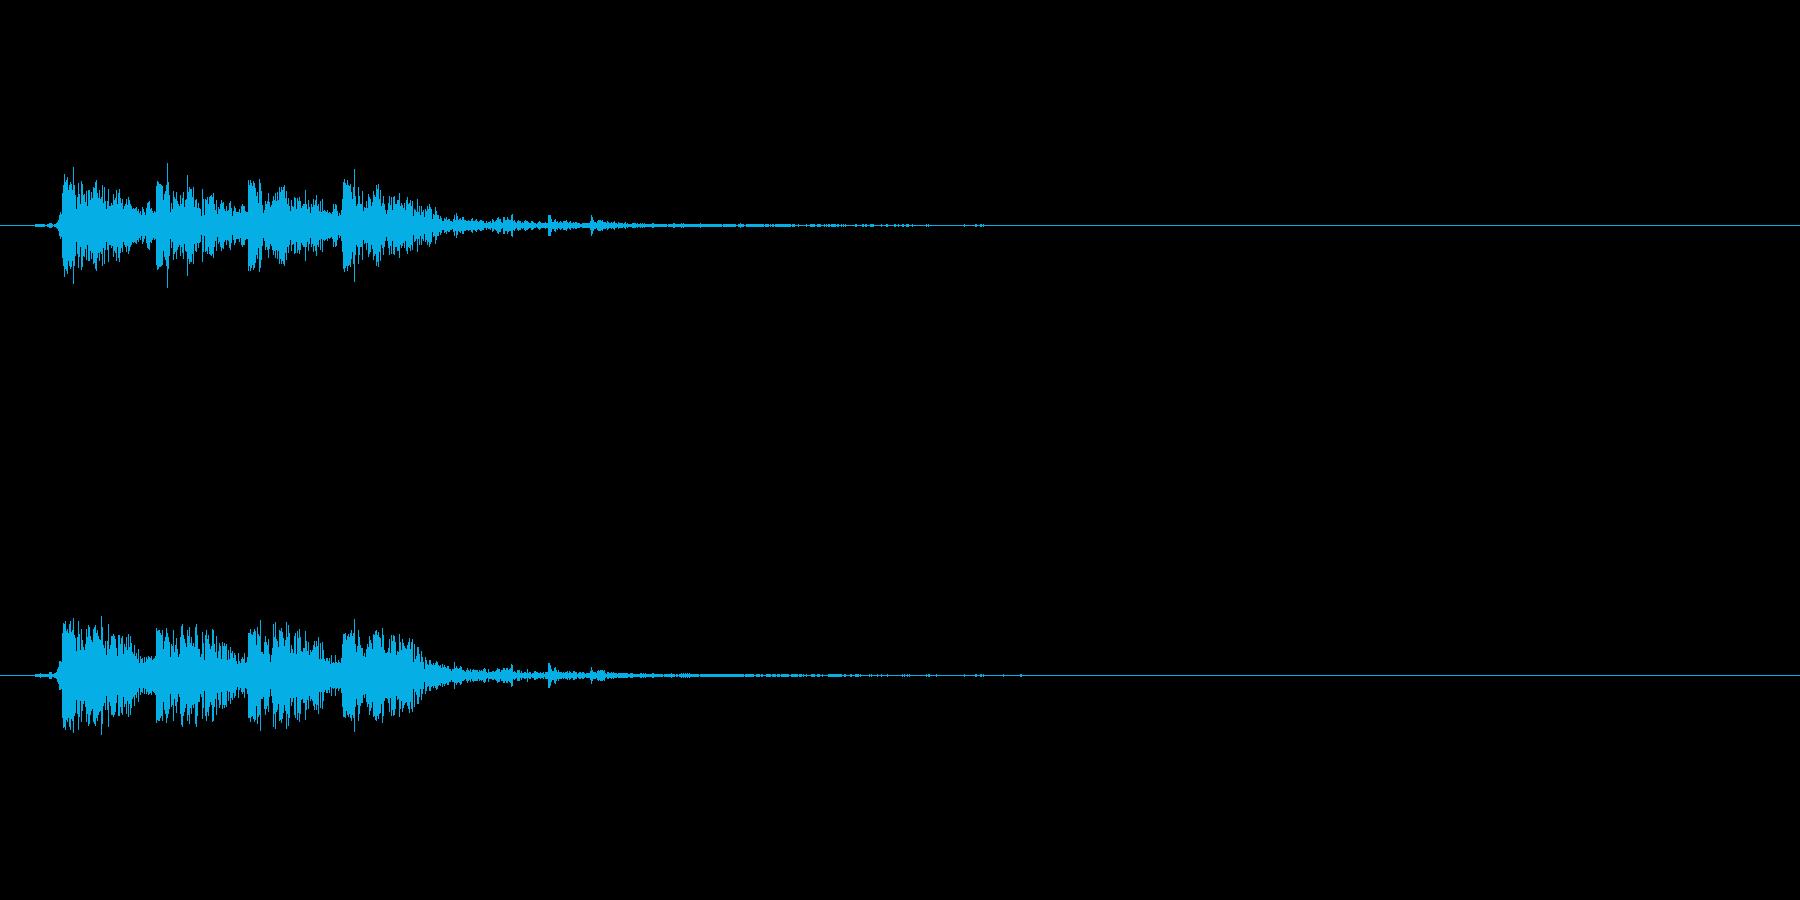 マシンガンの銃声の再生済みの波形